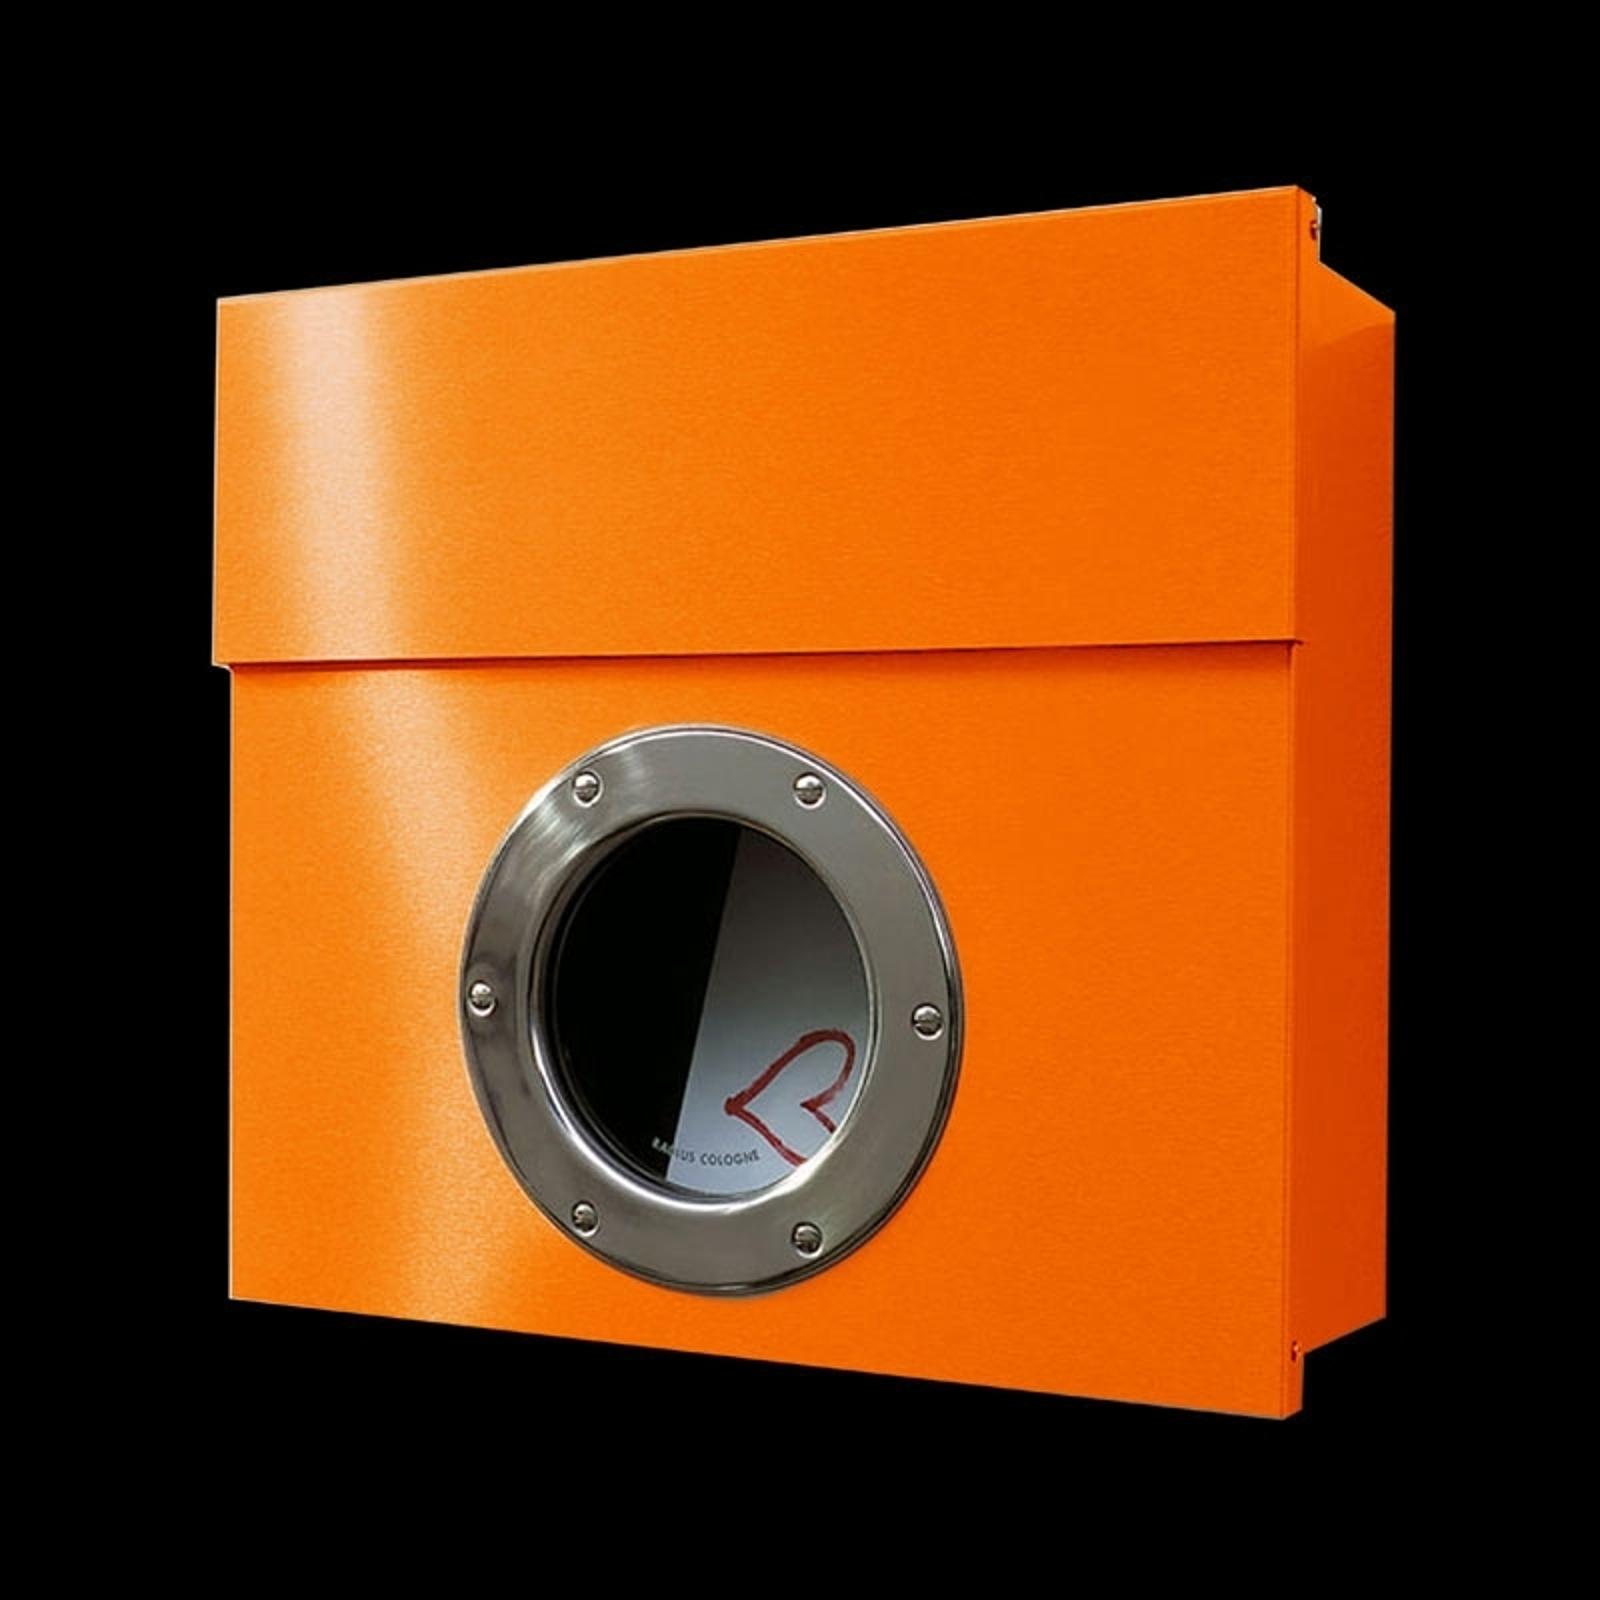 Cassetta postale di design Letterman I arancione